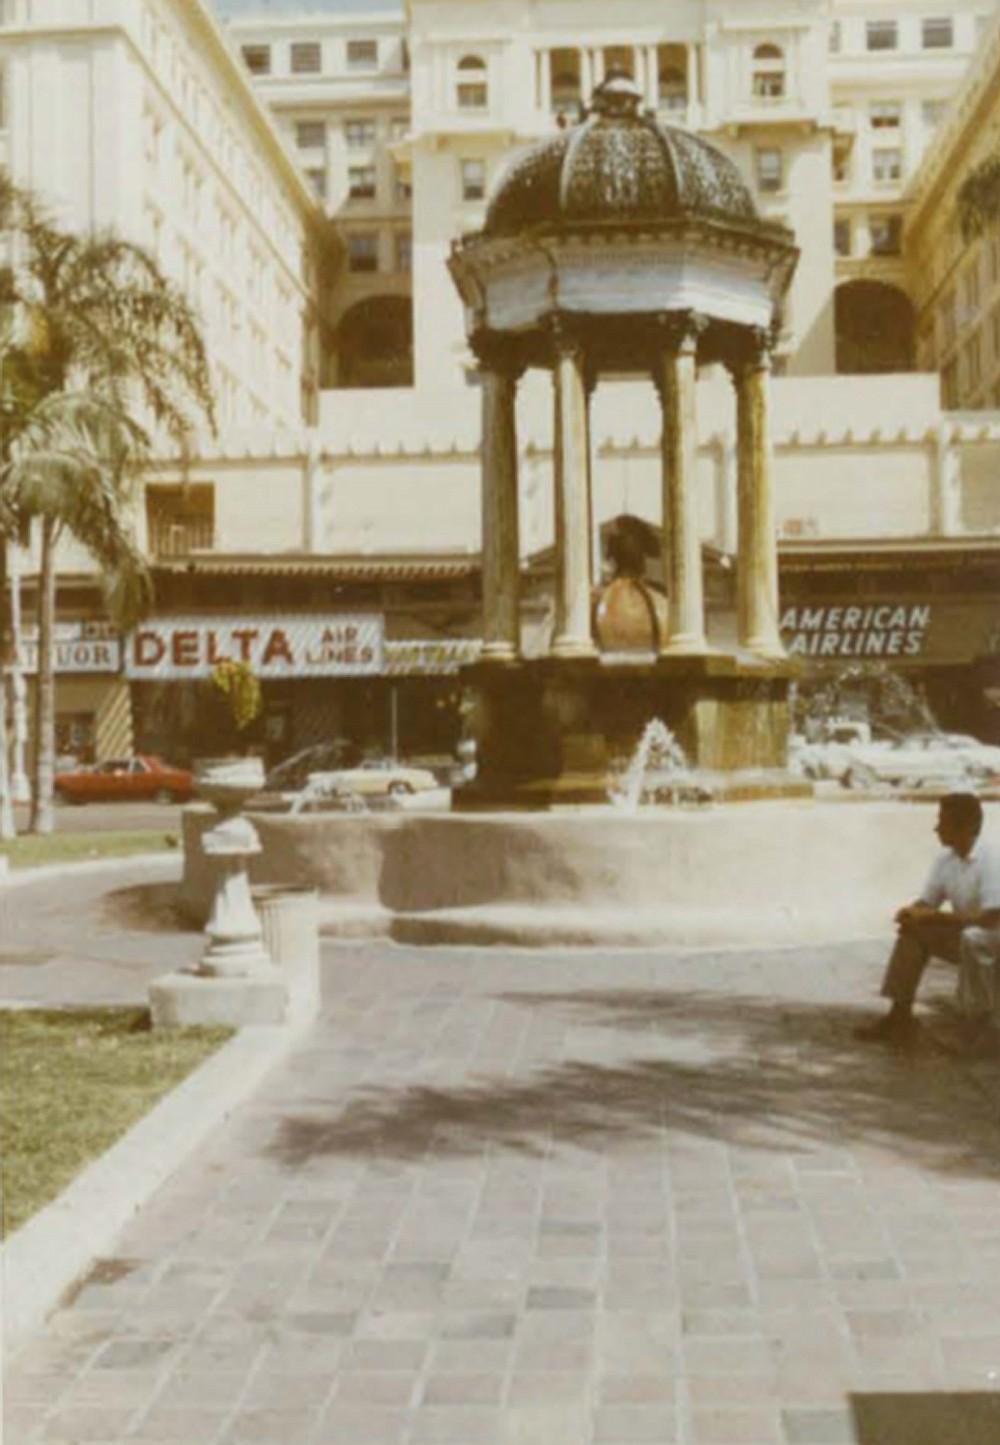 The plaza, circa 1960s.